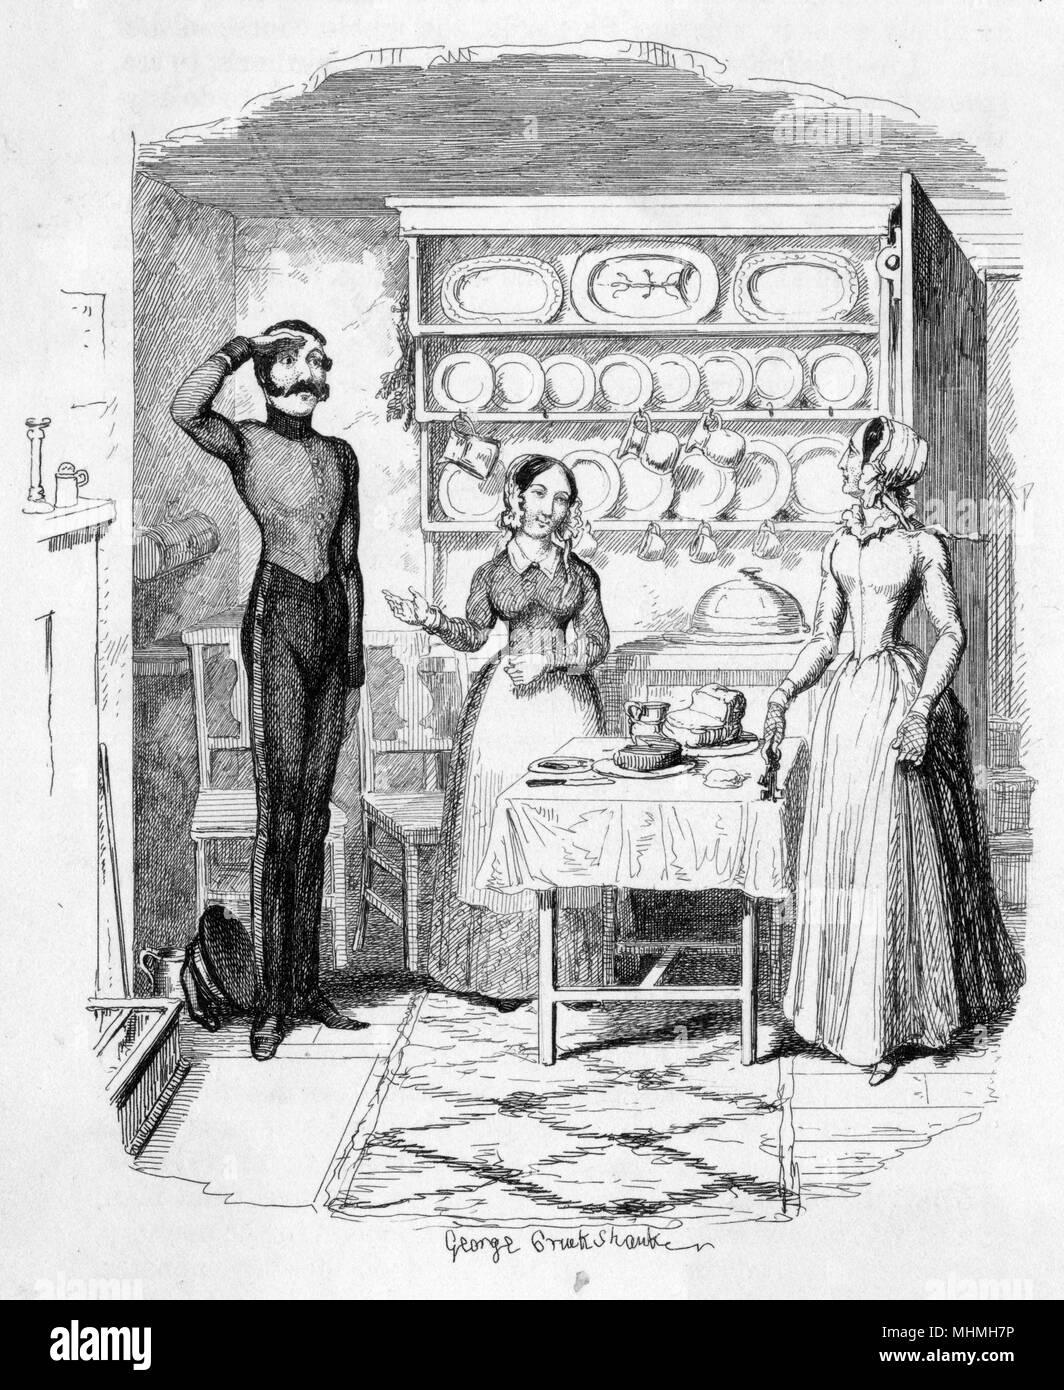 """""""Es ist mein Cousin, Ma'am!"""" Der Koch erklärt die Anwesenheit von einem gutaussehenden jungen Soldaten in der Küche Datum: 1849 Stockbild"""